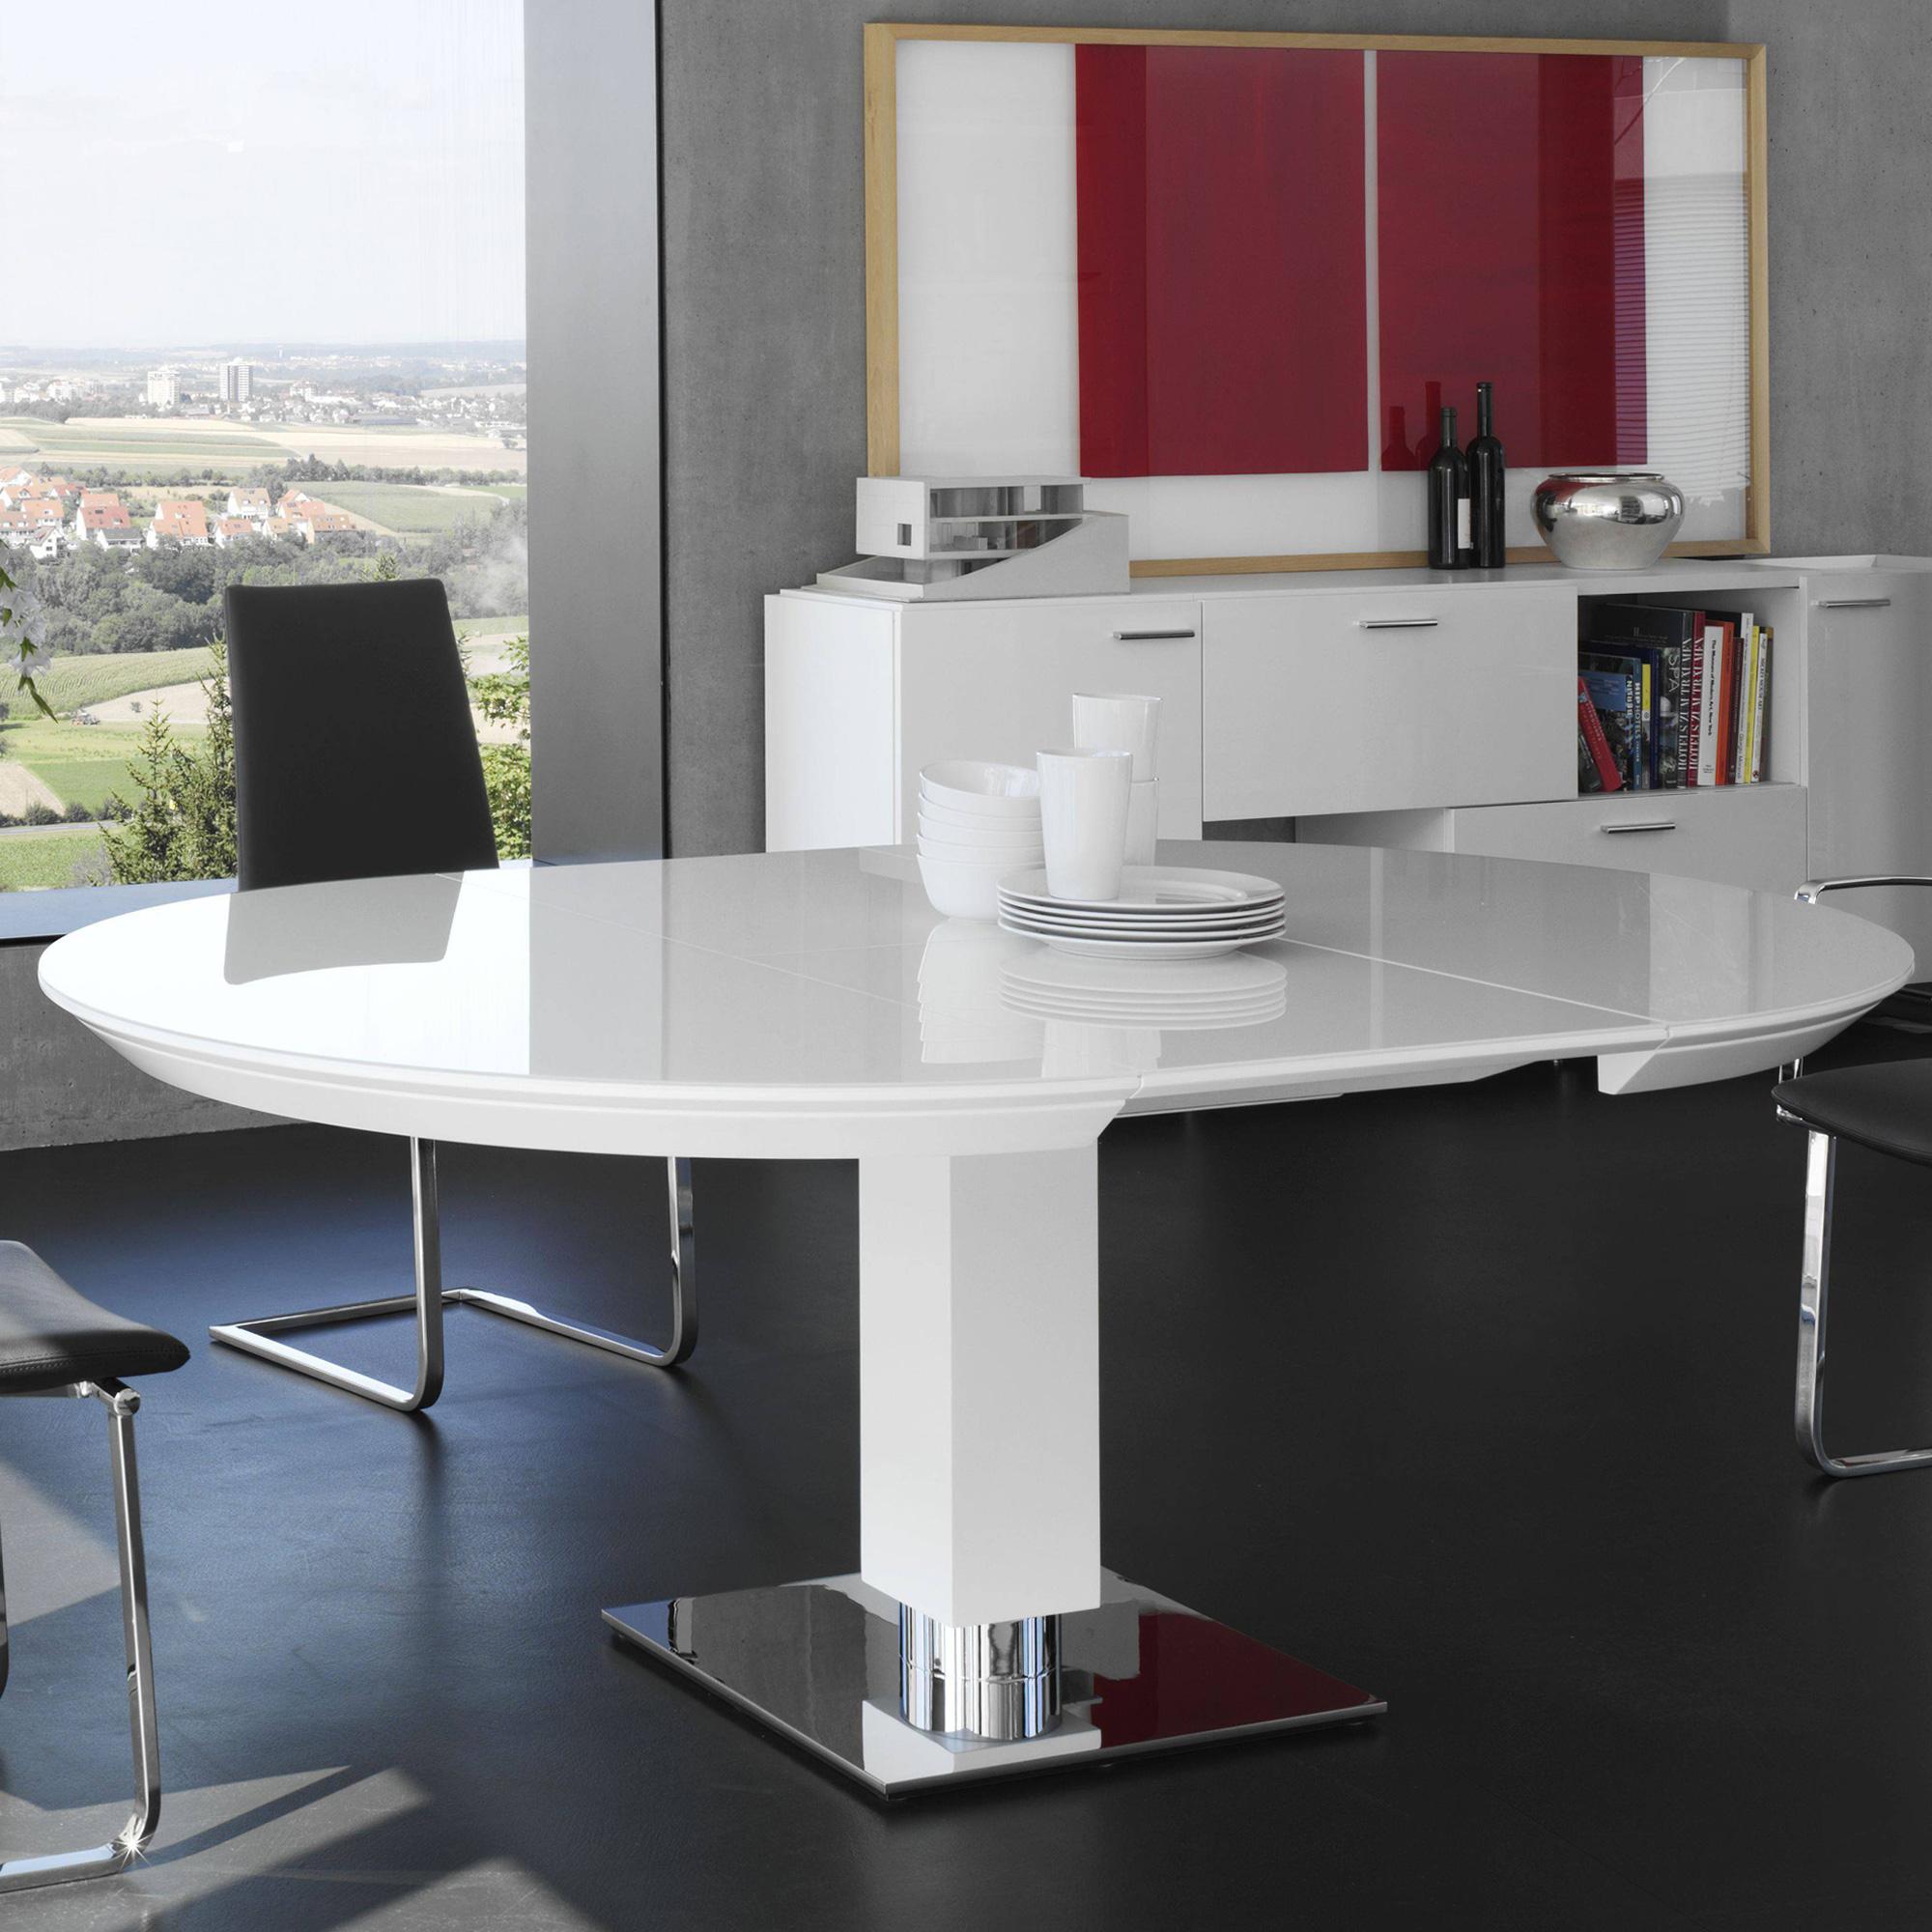 tisch wei rund great tisch wei rund schn tisch modell. Black Bedroom Furniture Sets. Home Design Ideas